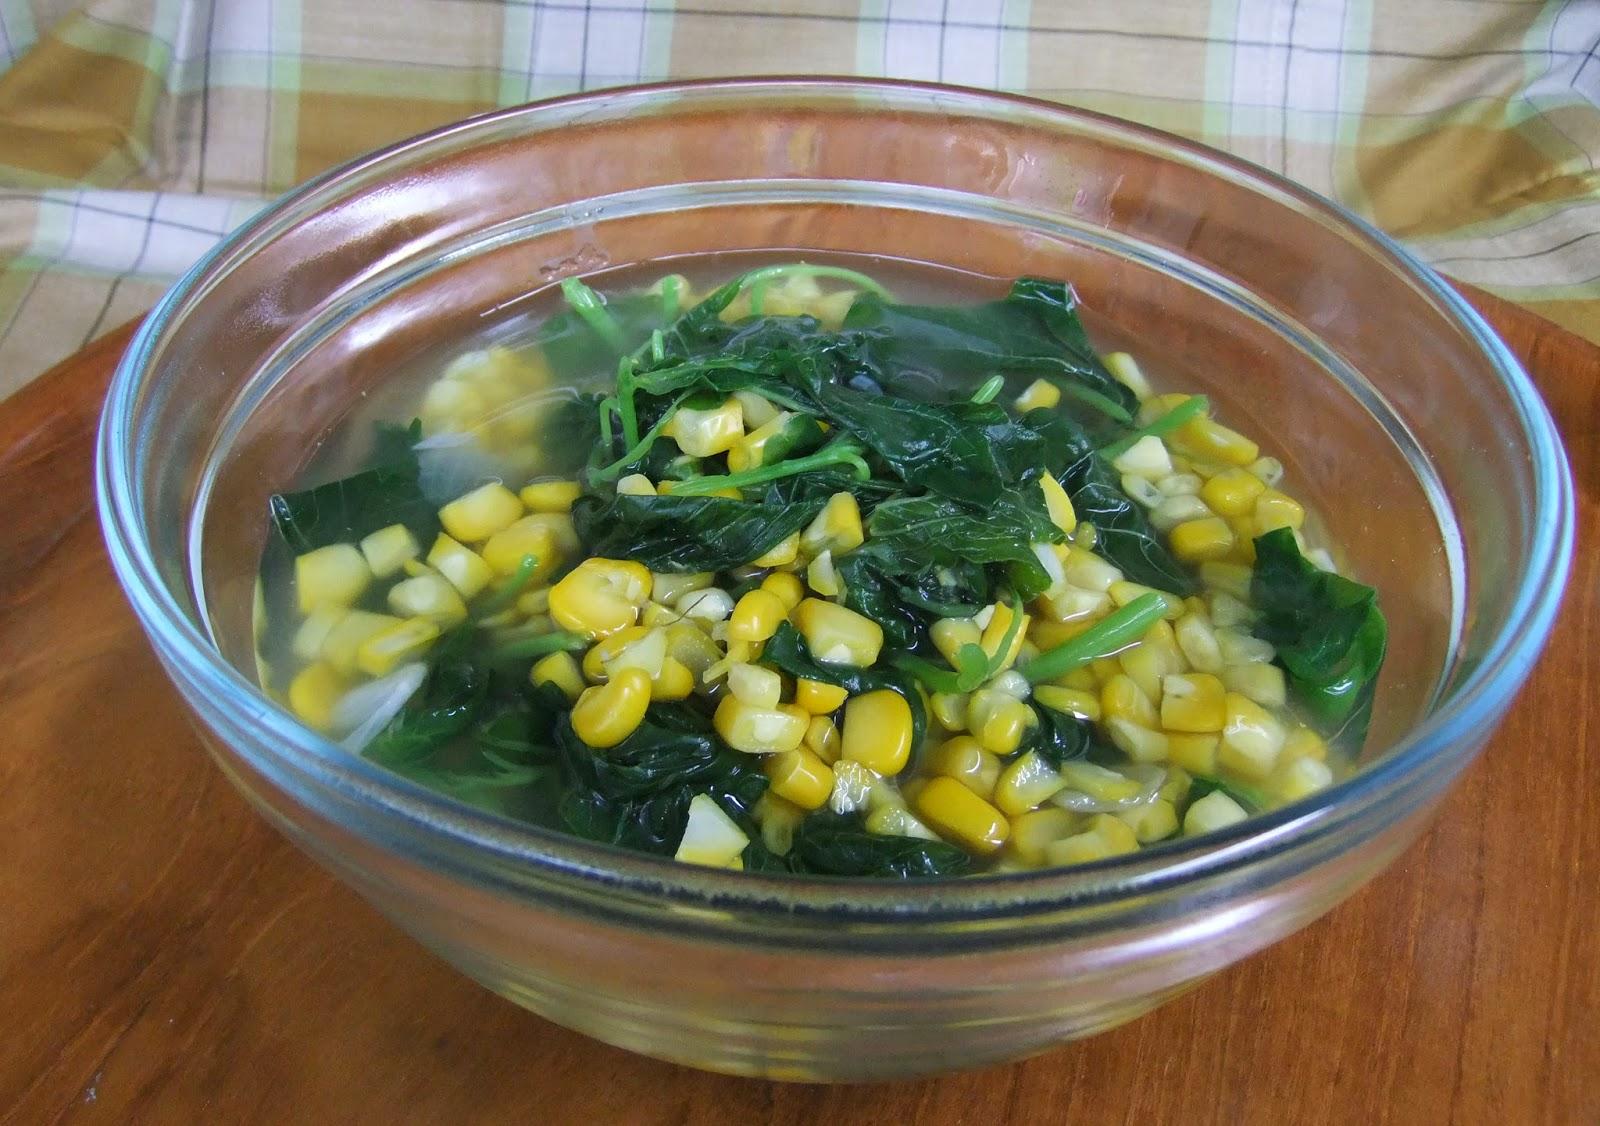 Resep Sayur Sehat untuk Diet: Salad Bihun